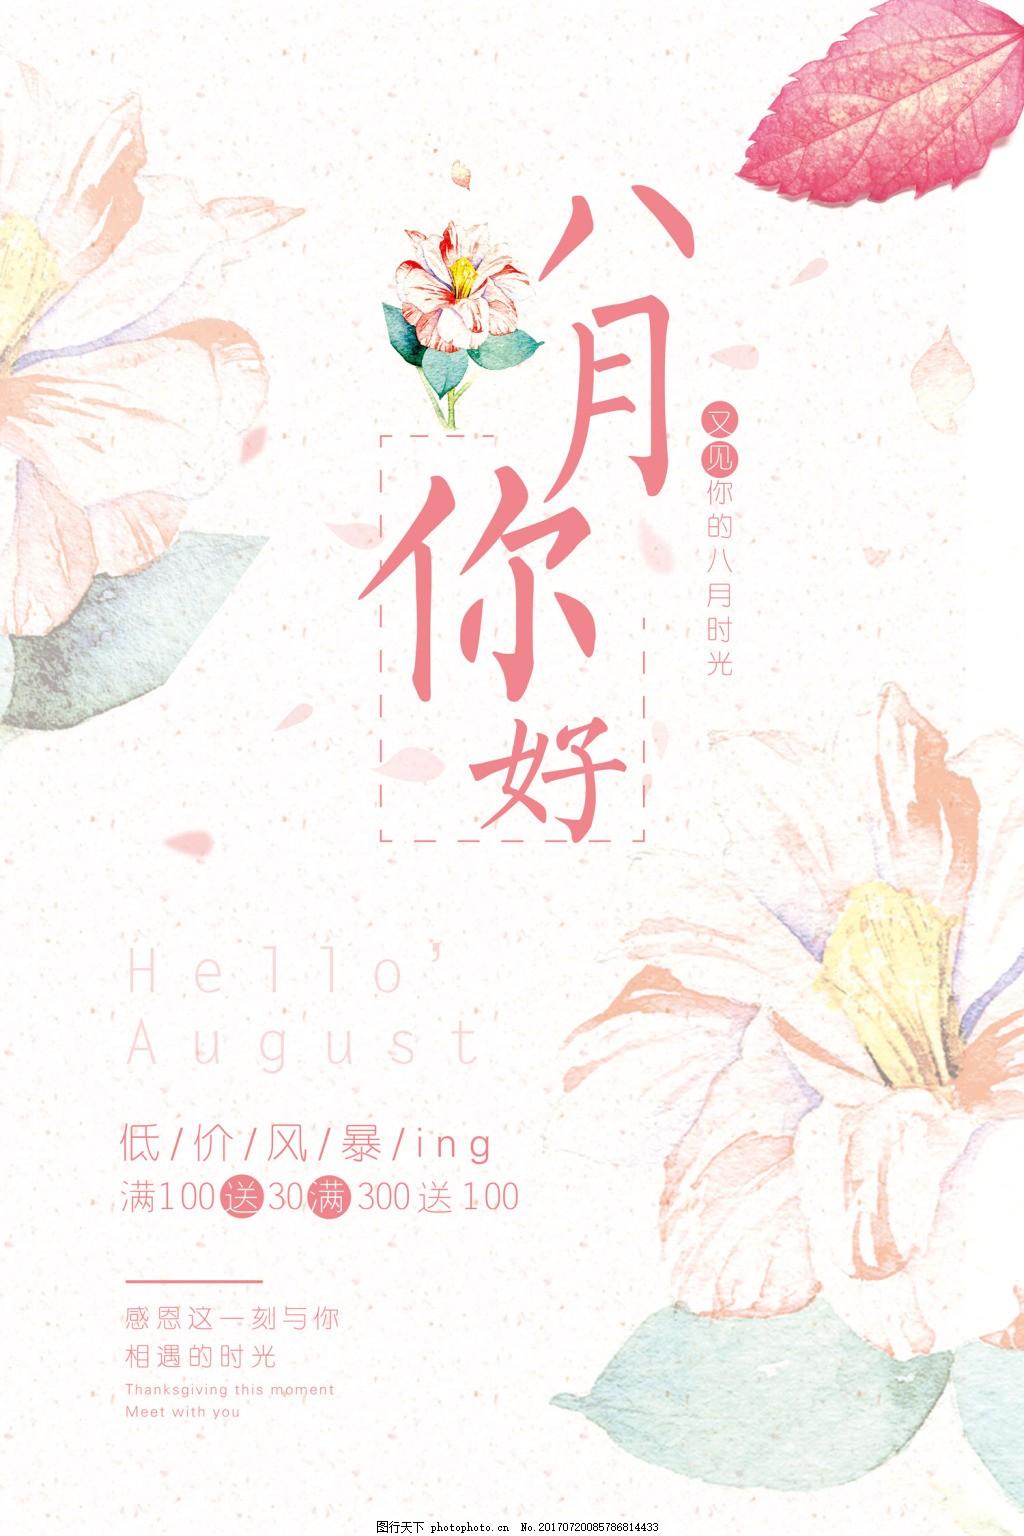 花开 你好 八月 小清新 手绘 文艺 简约 级简 日式小清新 唯美 花朵